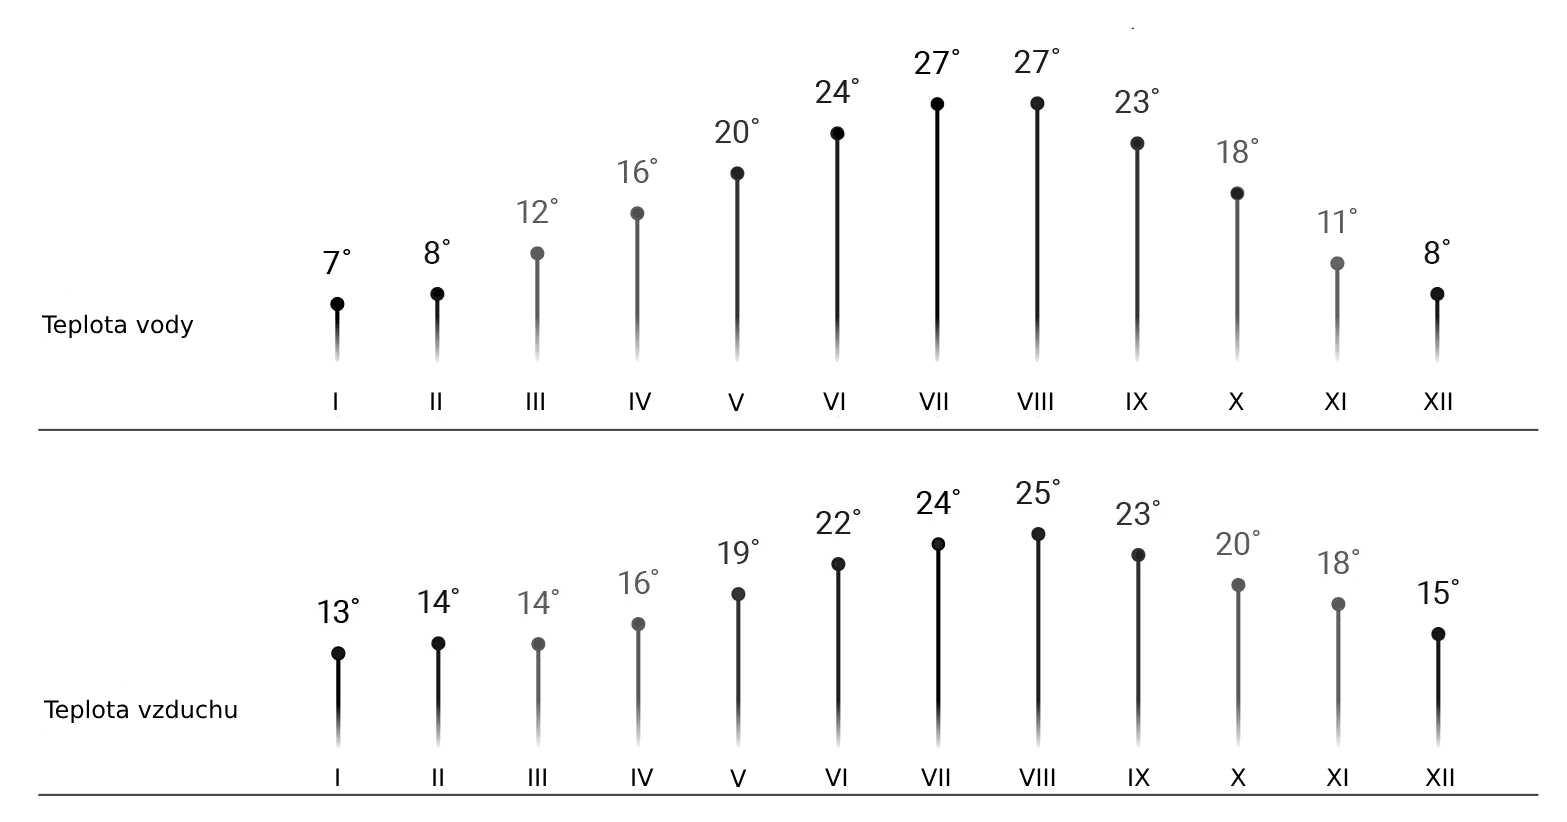 Průměrné teploty v Chorvátsku